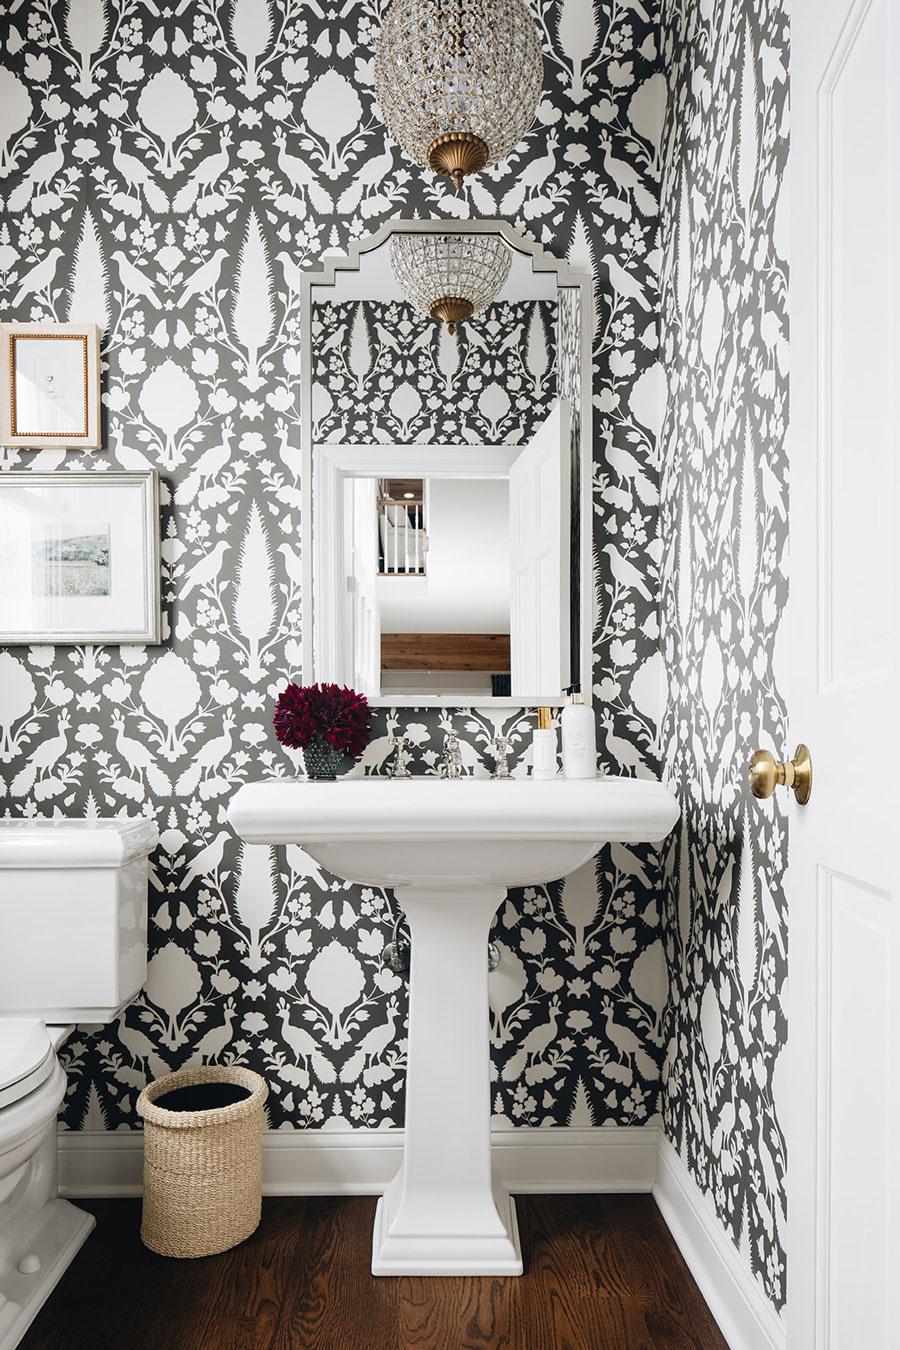 Un baño con un papel mural con un diseño muy original en blanco y negro.